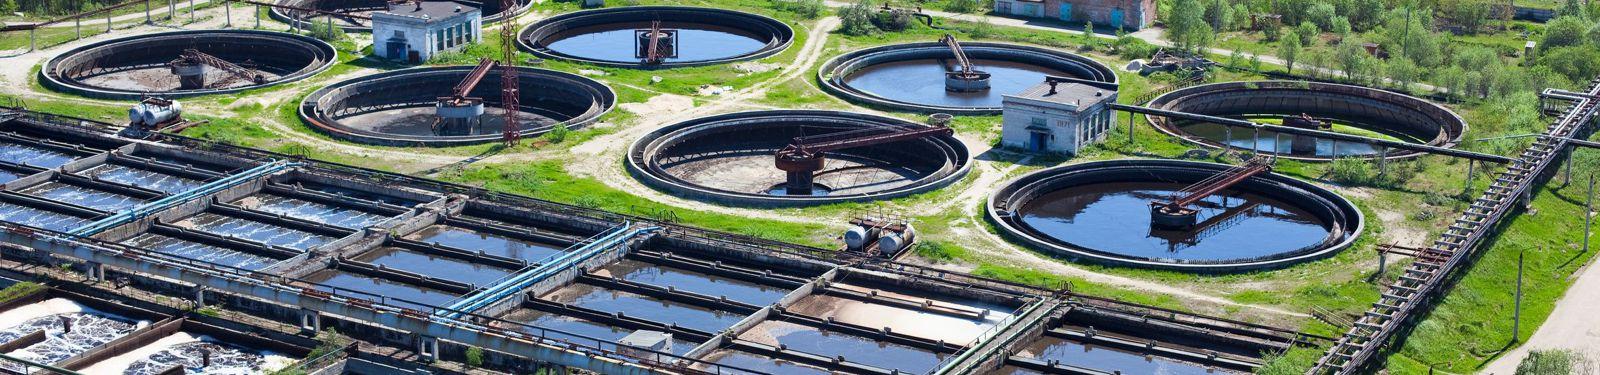 Probenahme von Prozess- und Brauchwasser